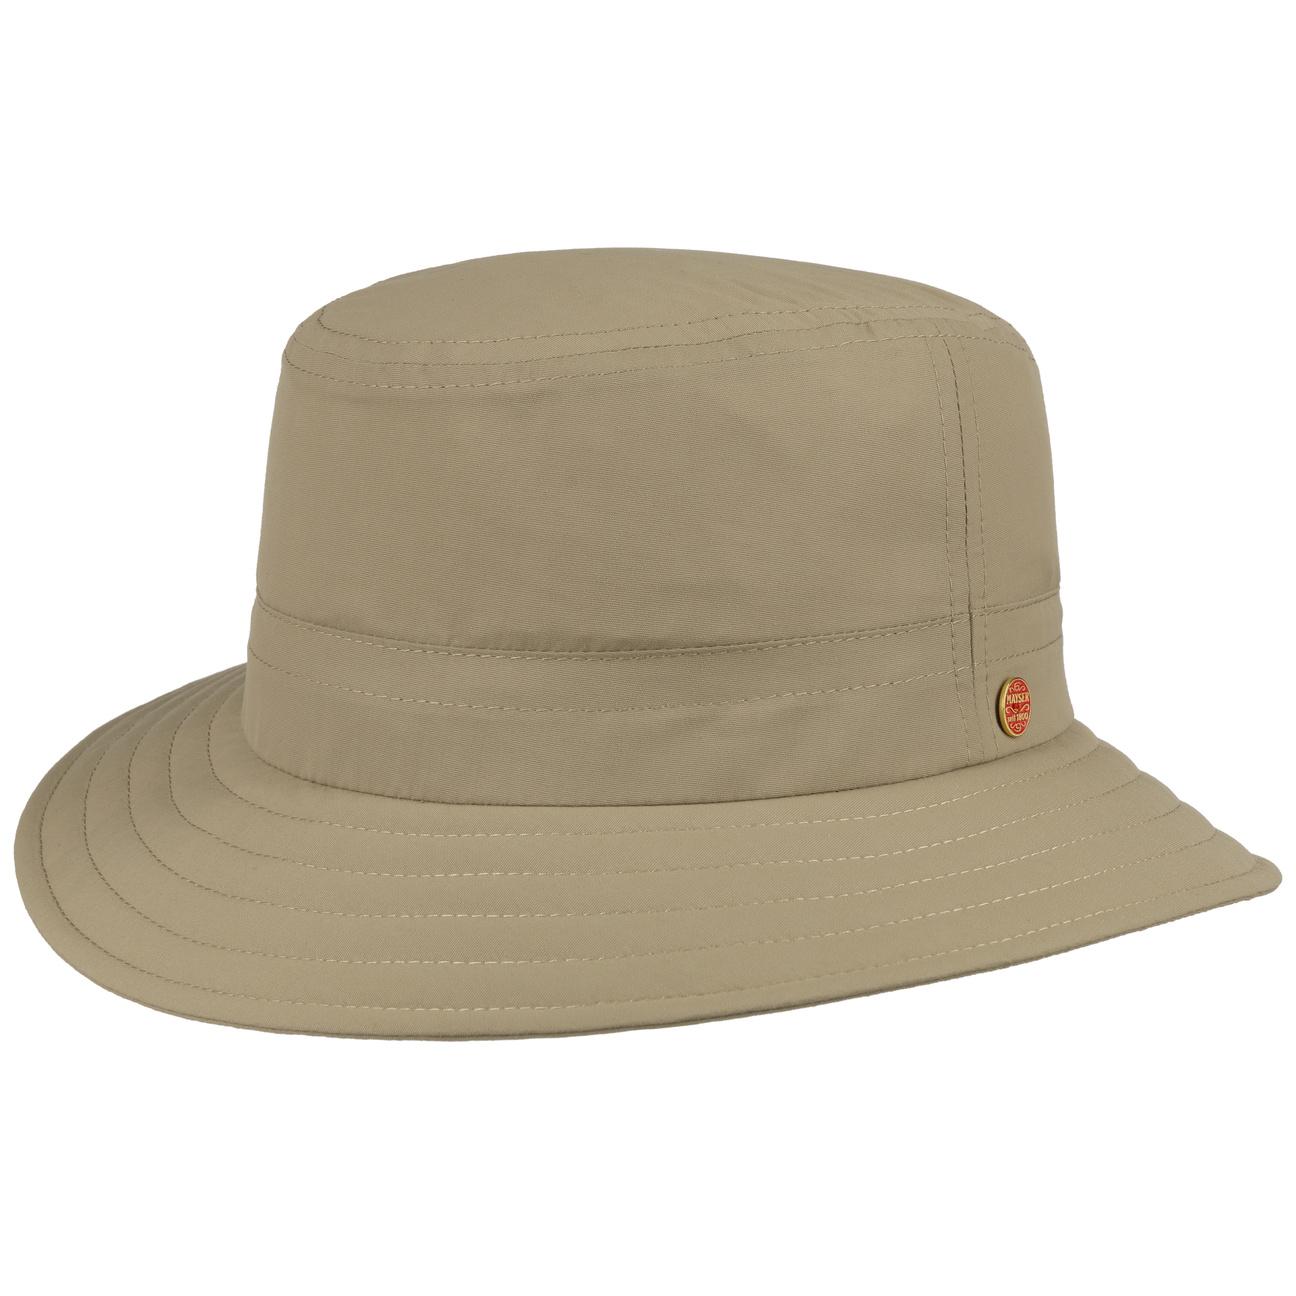 Chapeau de Soleil Protection UV by Mayser  chapeau